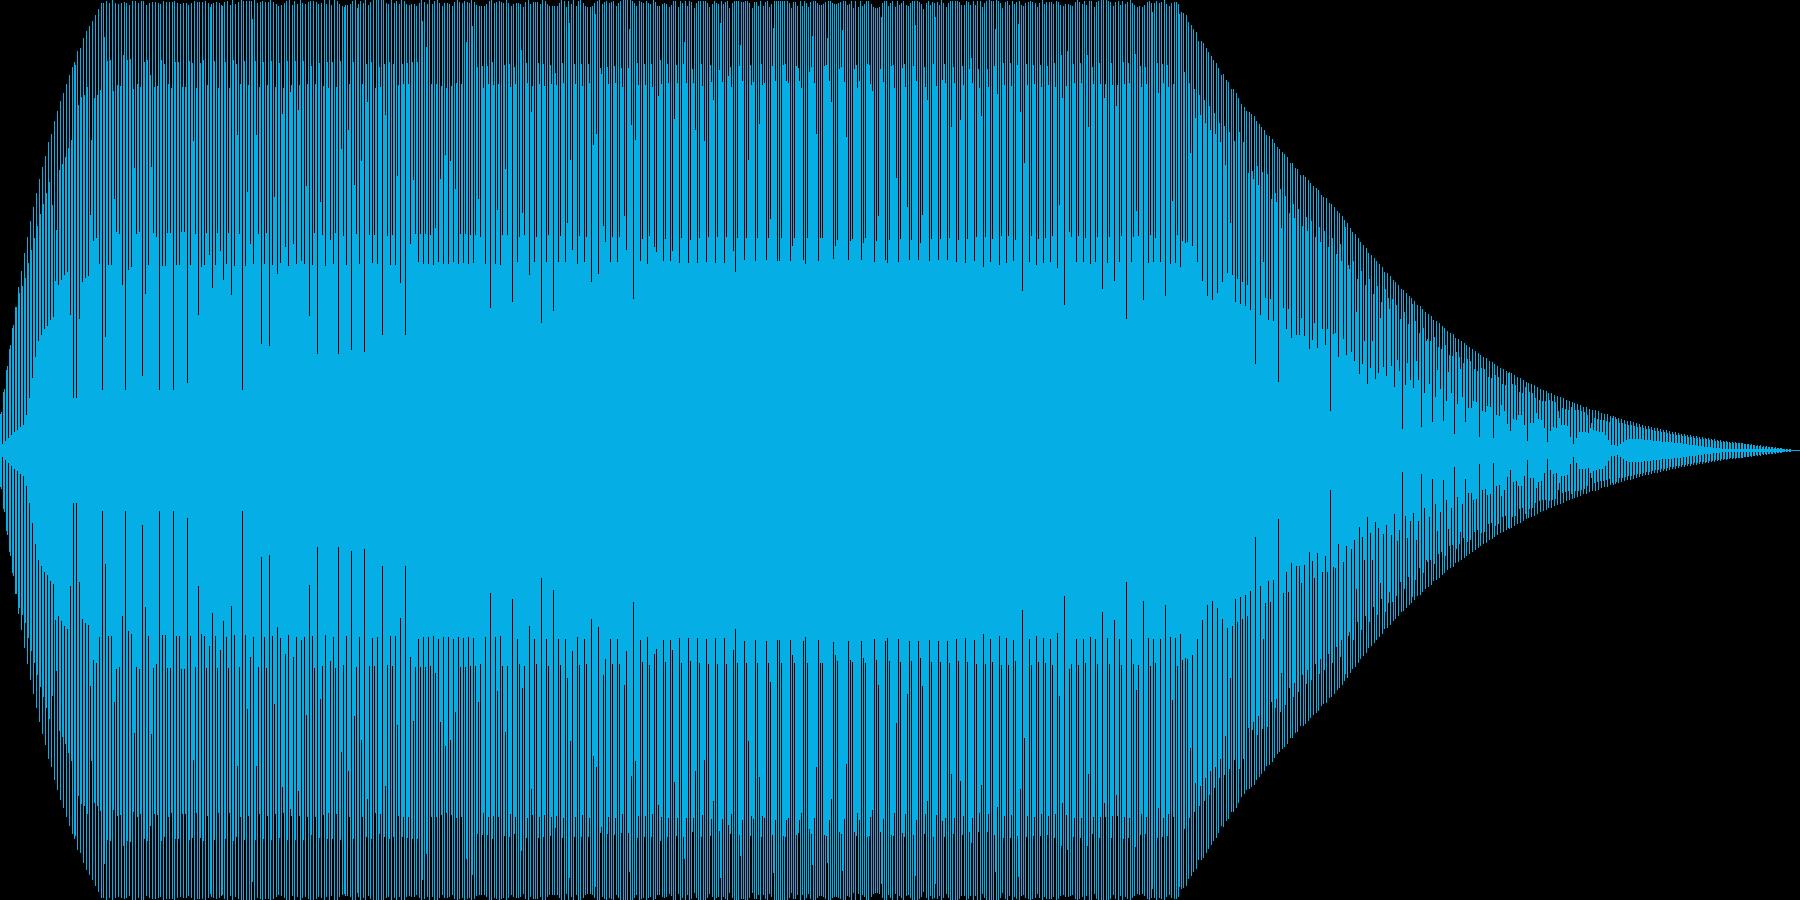 ニャー(猫 電子音 赤子)の再生済みの波形